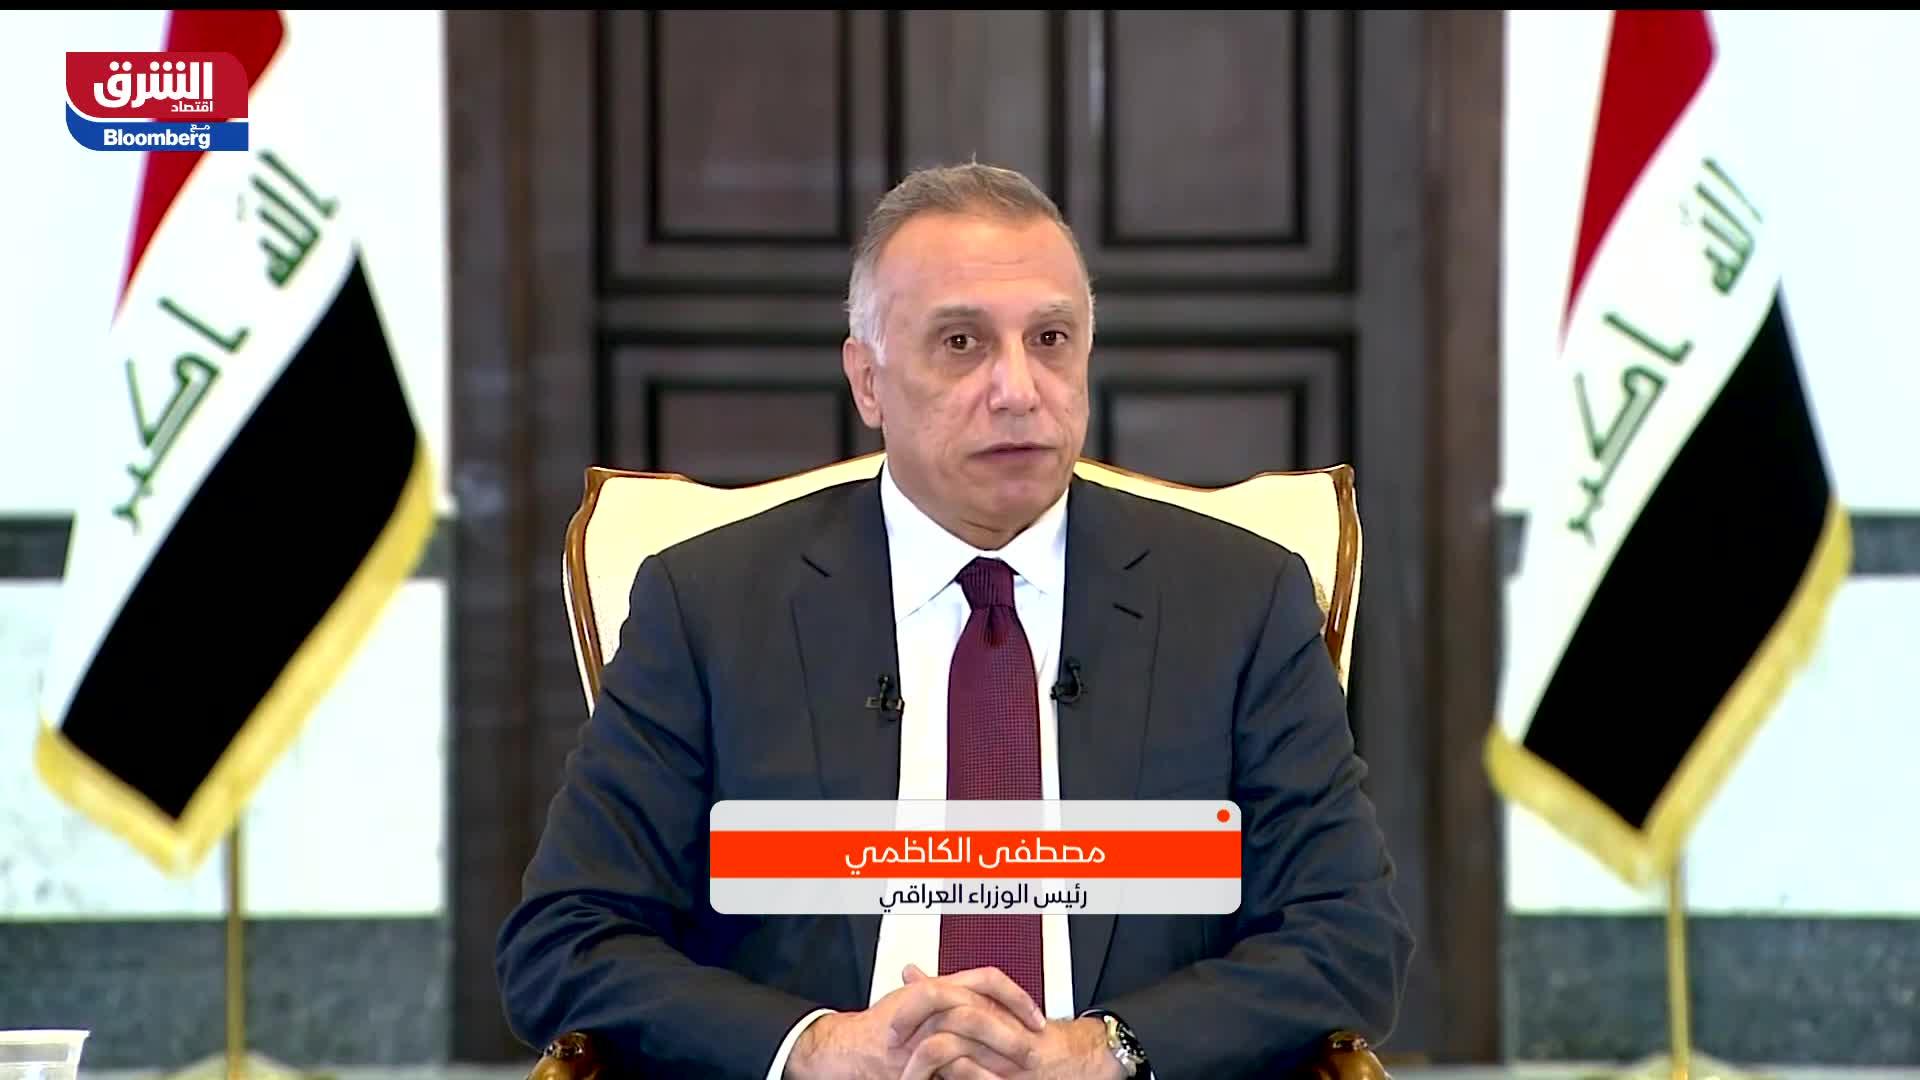 مقابلة مع مصطفى الكاظمي رئيس الوزراء العراقي